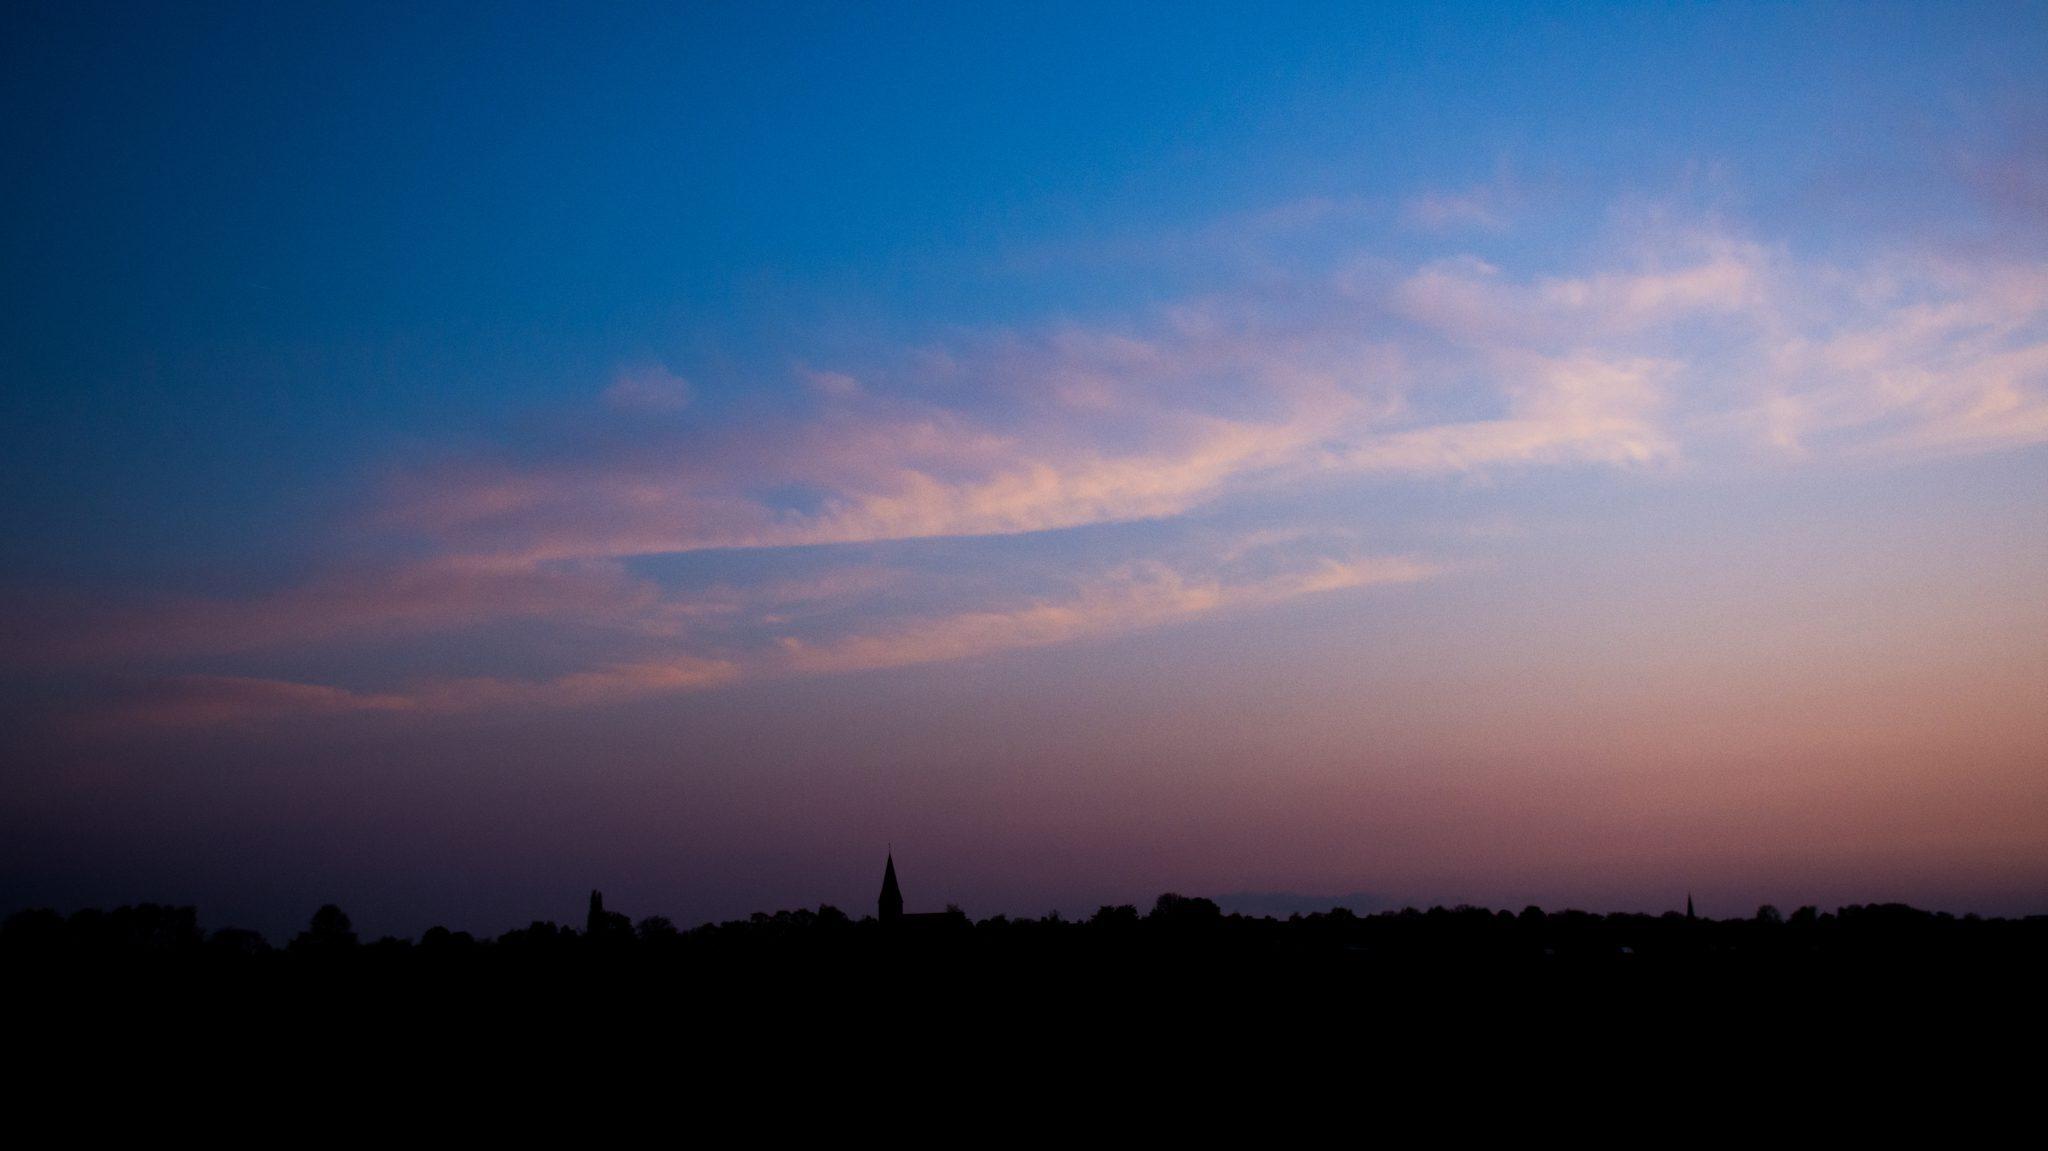 De avond valt over Noord-Limburg. Rowwen Hèze speelt op de achtergrond